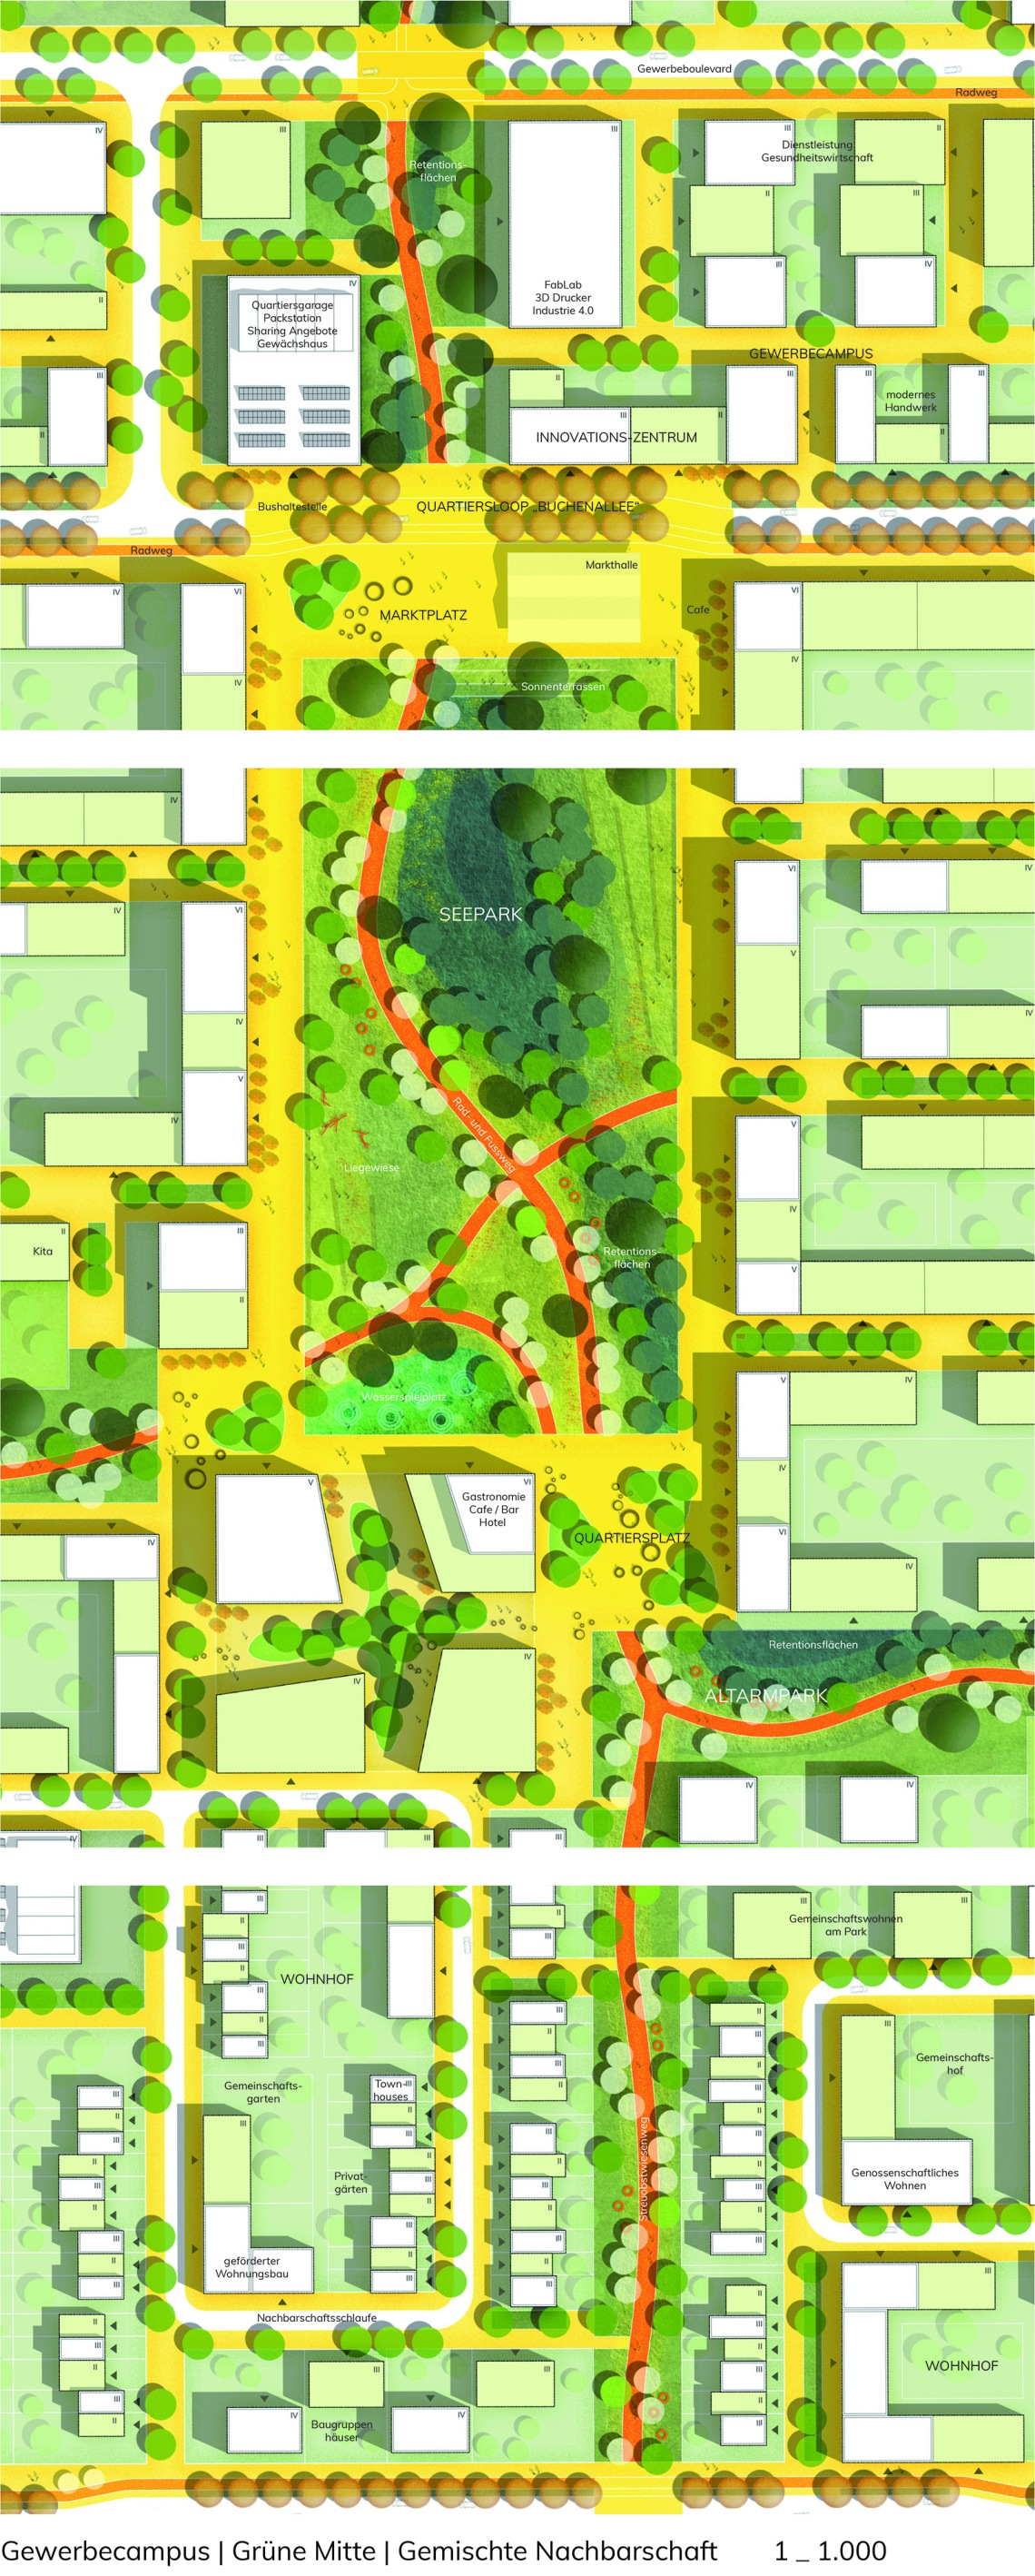 RUS-Web_Gewerbecampus-Grüne Mitte-Gemischte Nachbarschaft